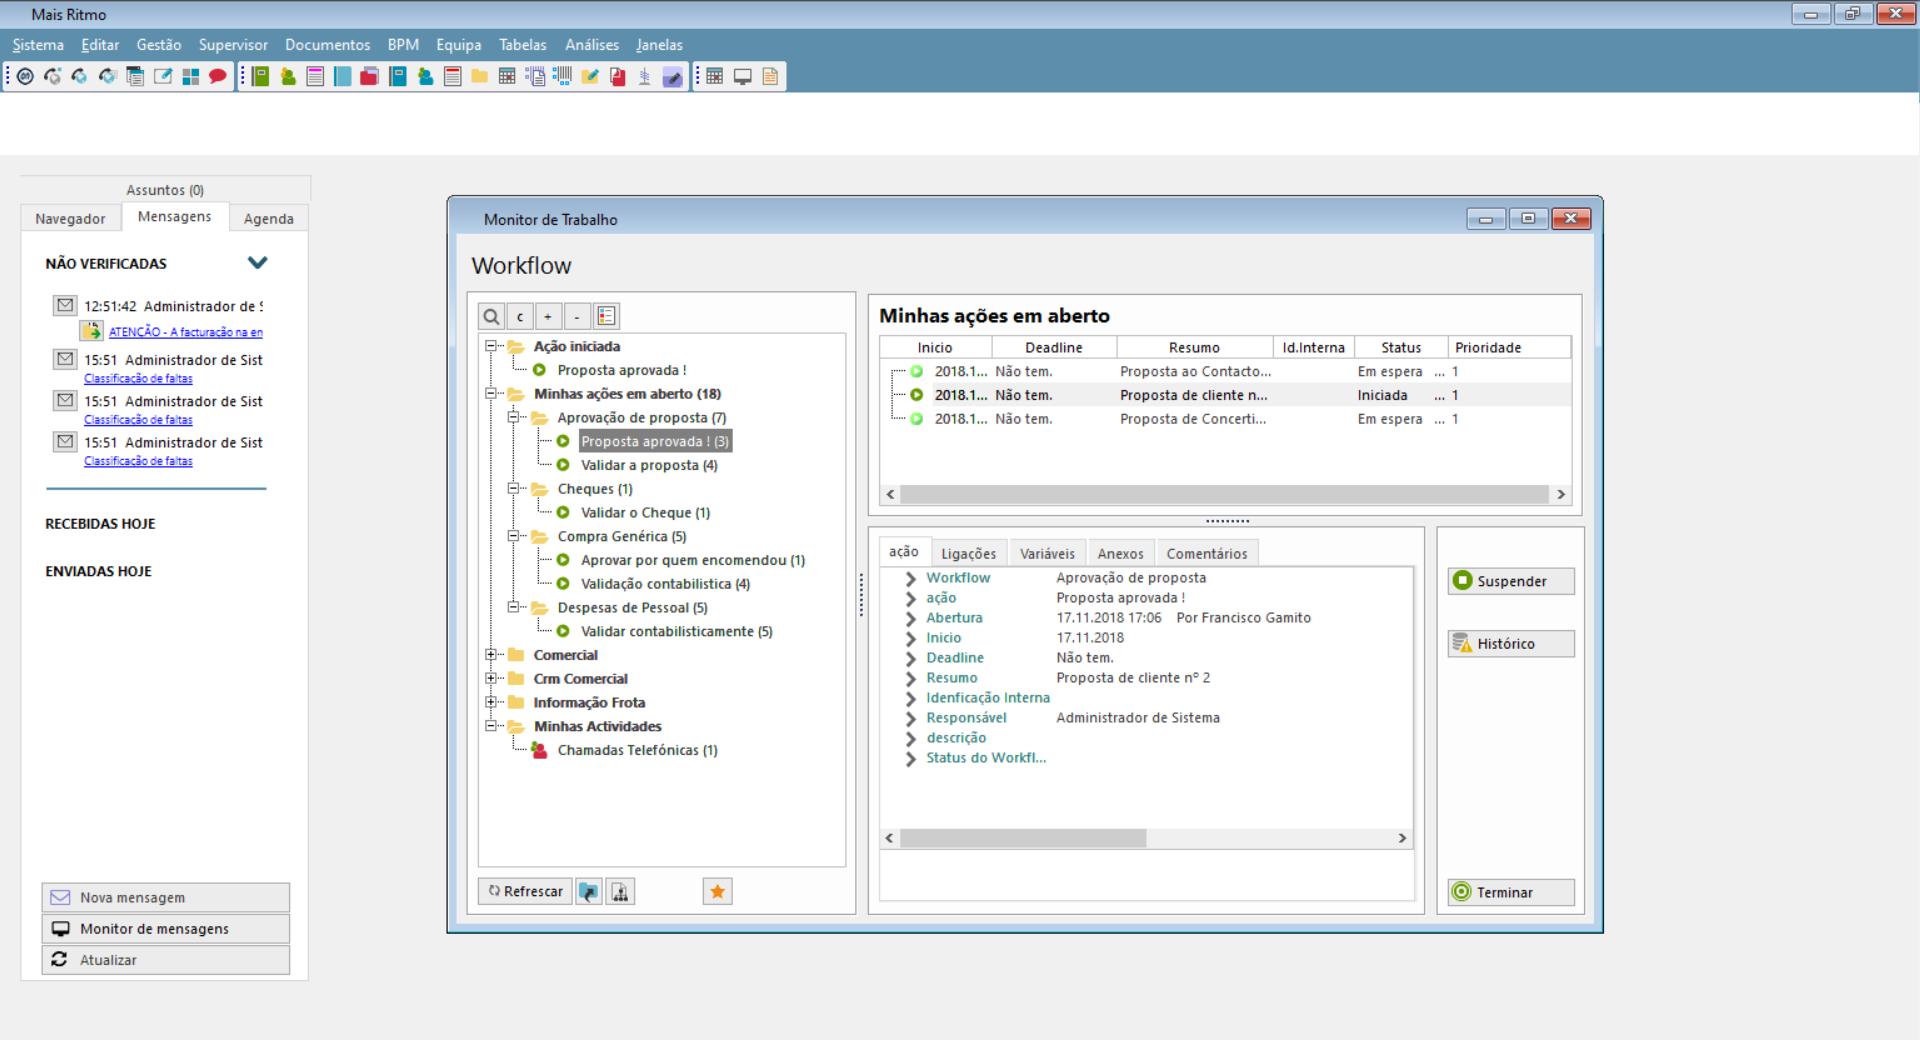 Dashboard de gestão e controlo de tarefas